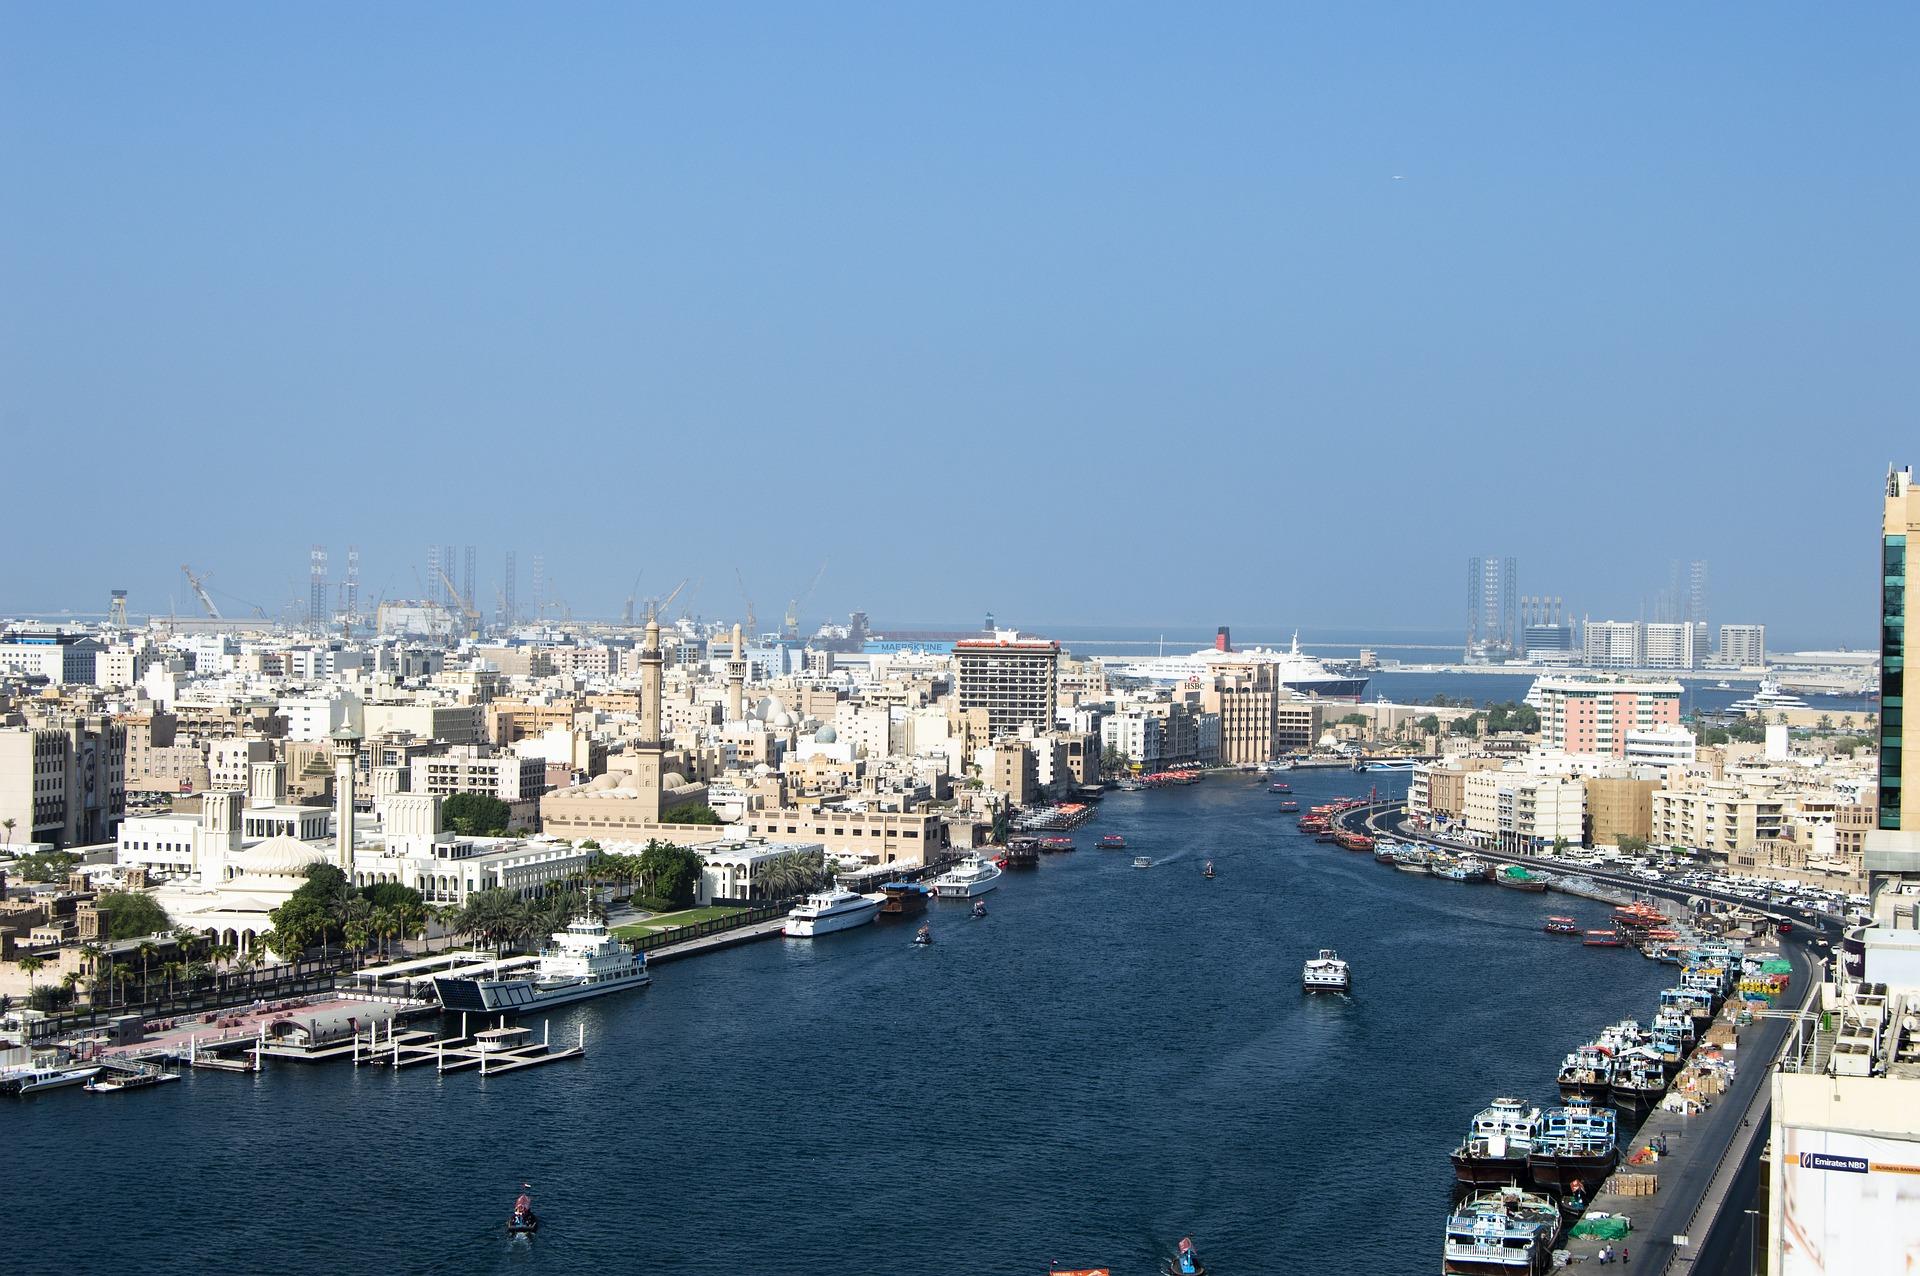 توقعات بزيادة التدفقات السياحية لدبي Dubai من خارج الإمارات خلال الفترة المقبلة